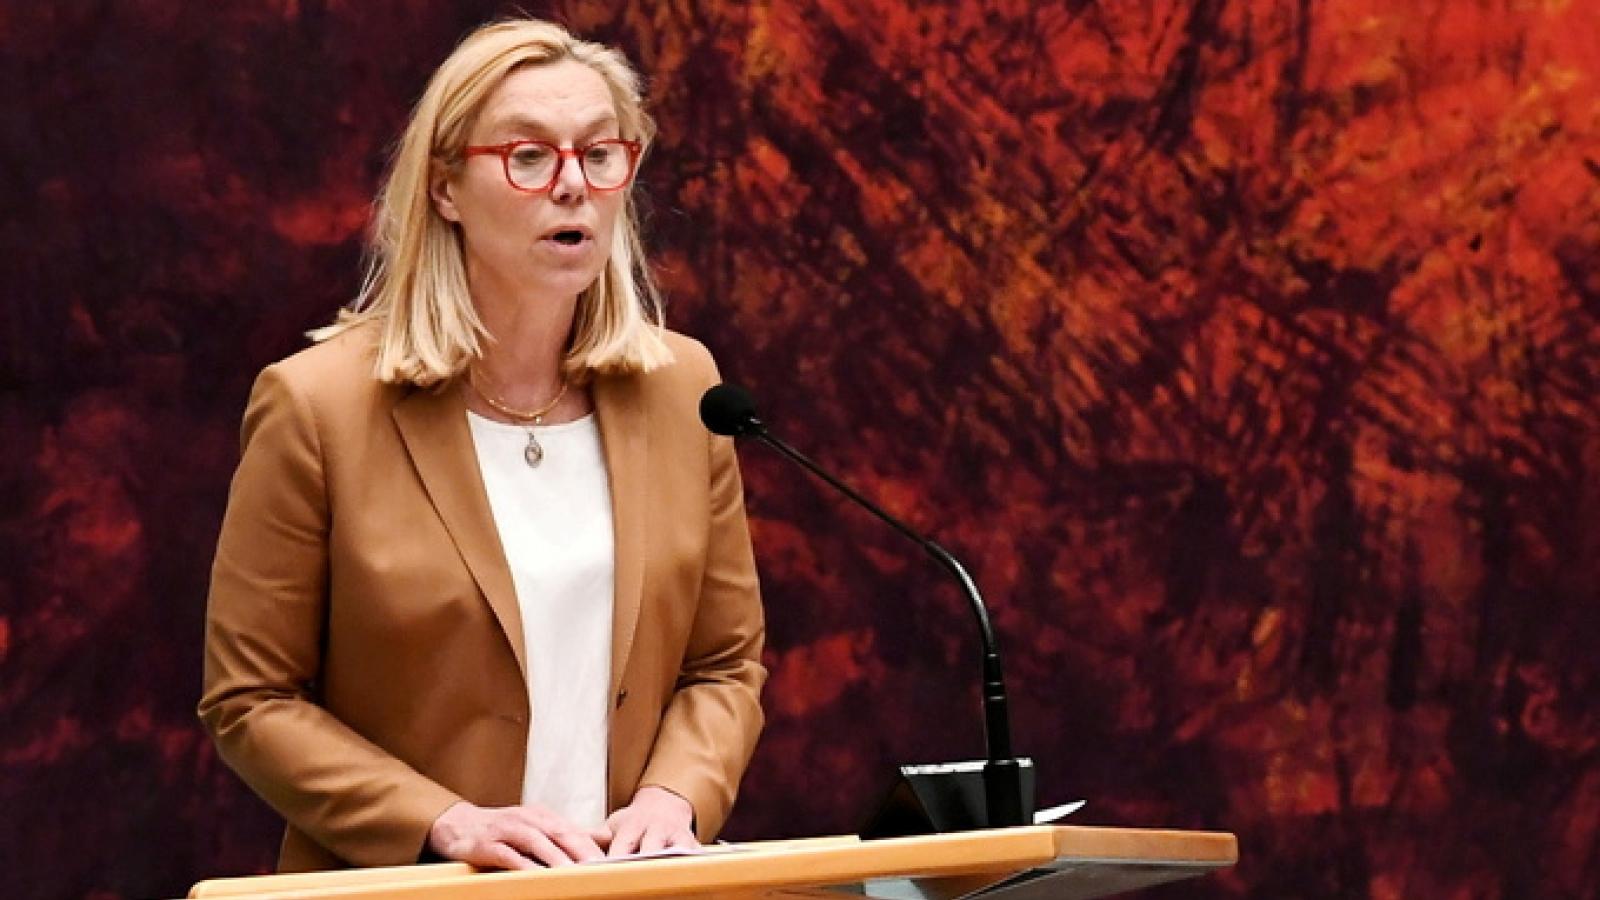 Ngoại trưởng Hà Lan từ chức sau cáo buộc xử lý kém việc sơ tán người khỏi Afghanistan